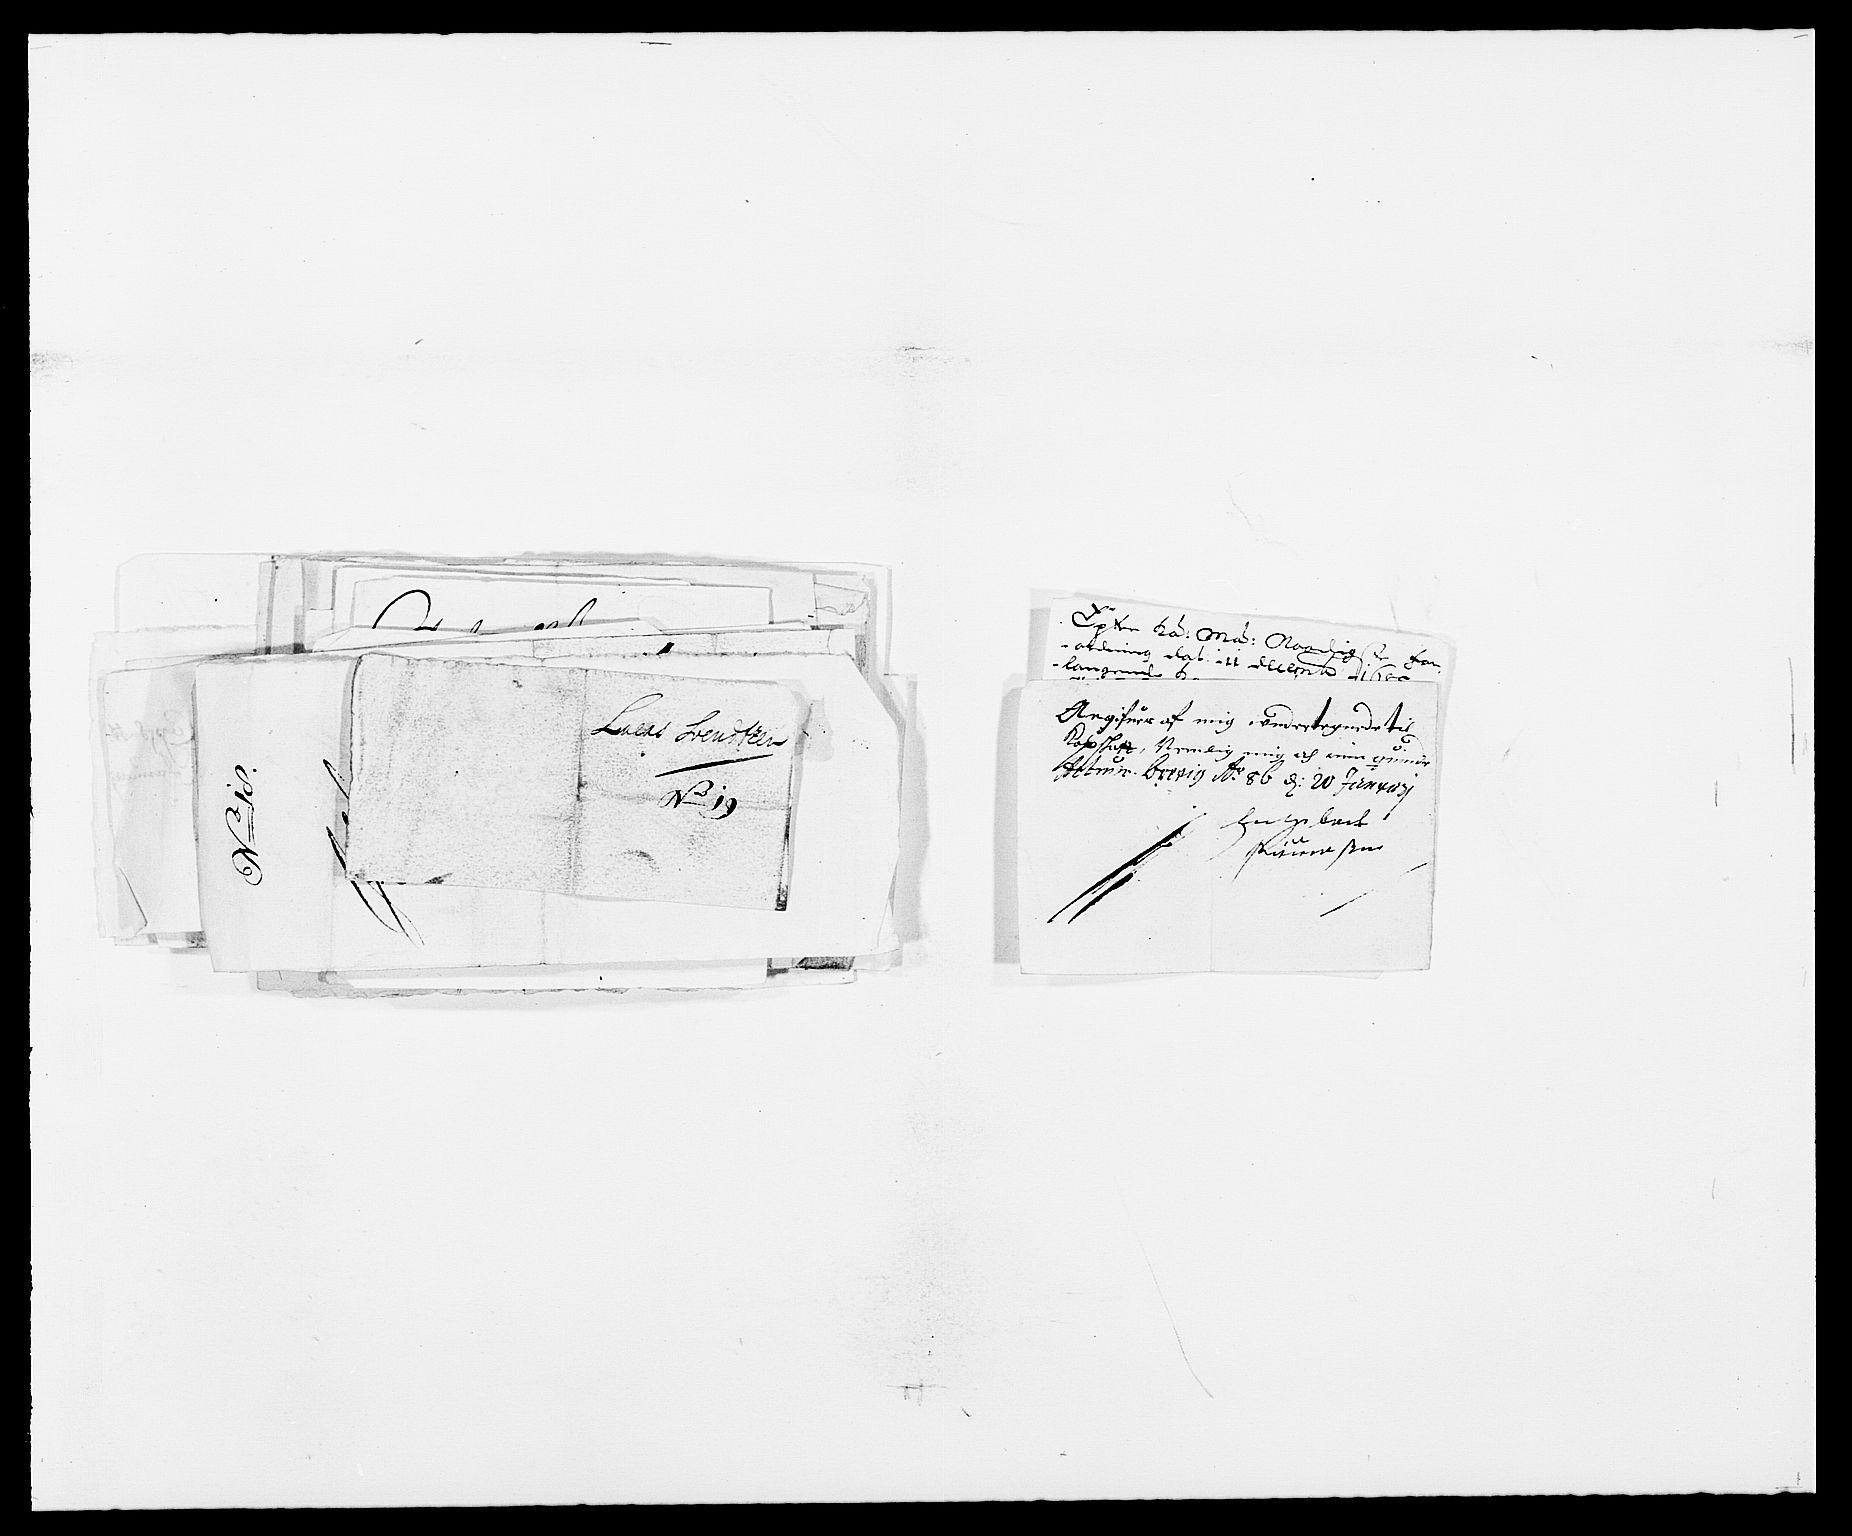 RA, Rentekammeret inntil 1814, Reviderte regnskaper, Fogderegnskap, R34/L2049: Fogderegnskap Bamble, 1685-1687, s. 204